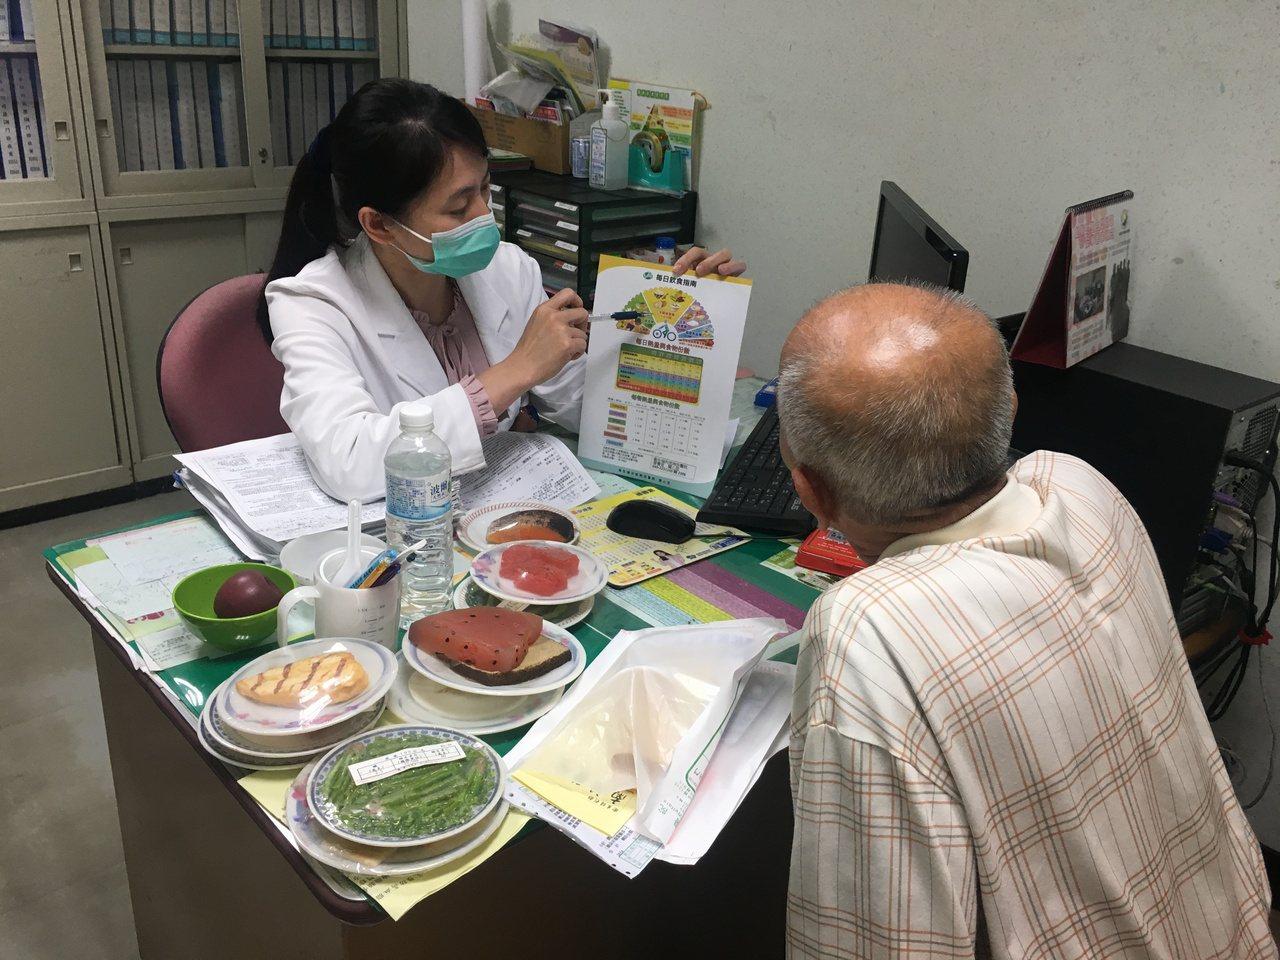 南投醫院營養室主任蔡秀雯提醒,民眾營養攝取要均衡,聽信偏方反會導致營養失衡。 圖...